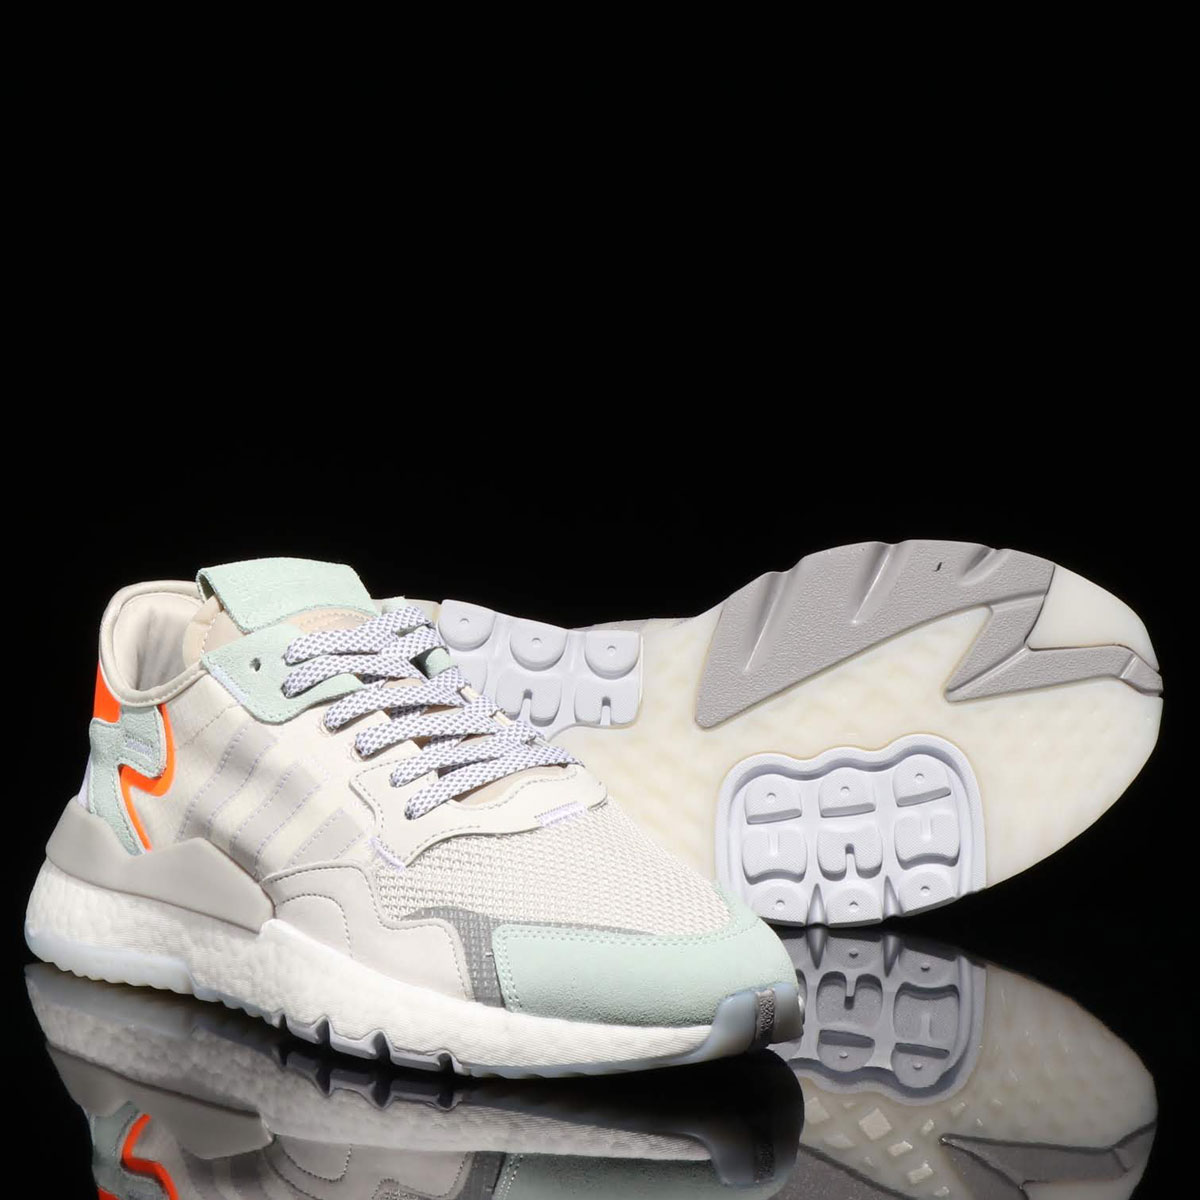 adidas Originals NITE JOGGER (アディダスオリジナルス ナイト ジョガー)RAW WHITE/GREY ONE F17/VAPOUR GREEN【メンズ レディース スニーカー】19SS-I